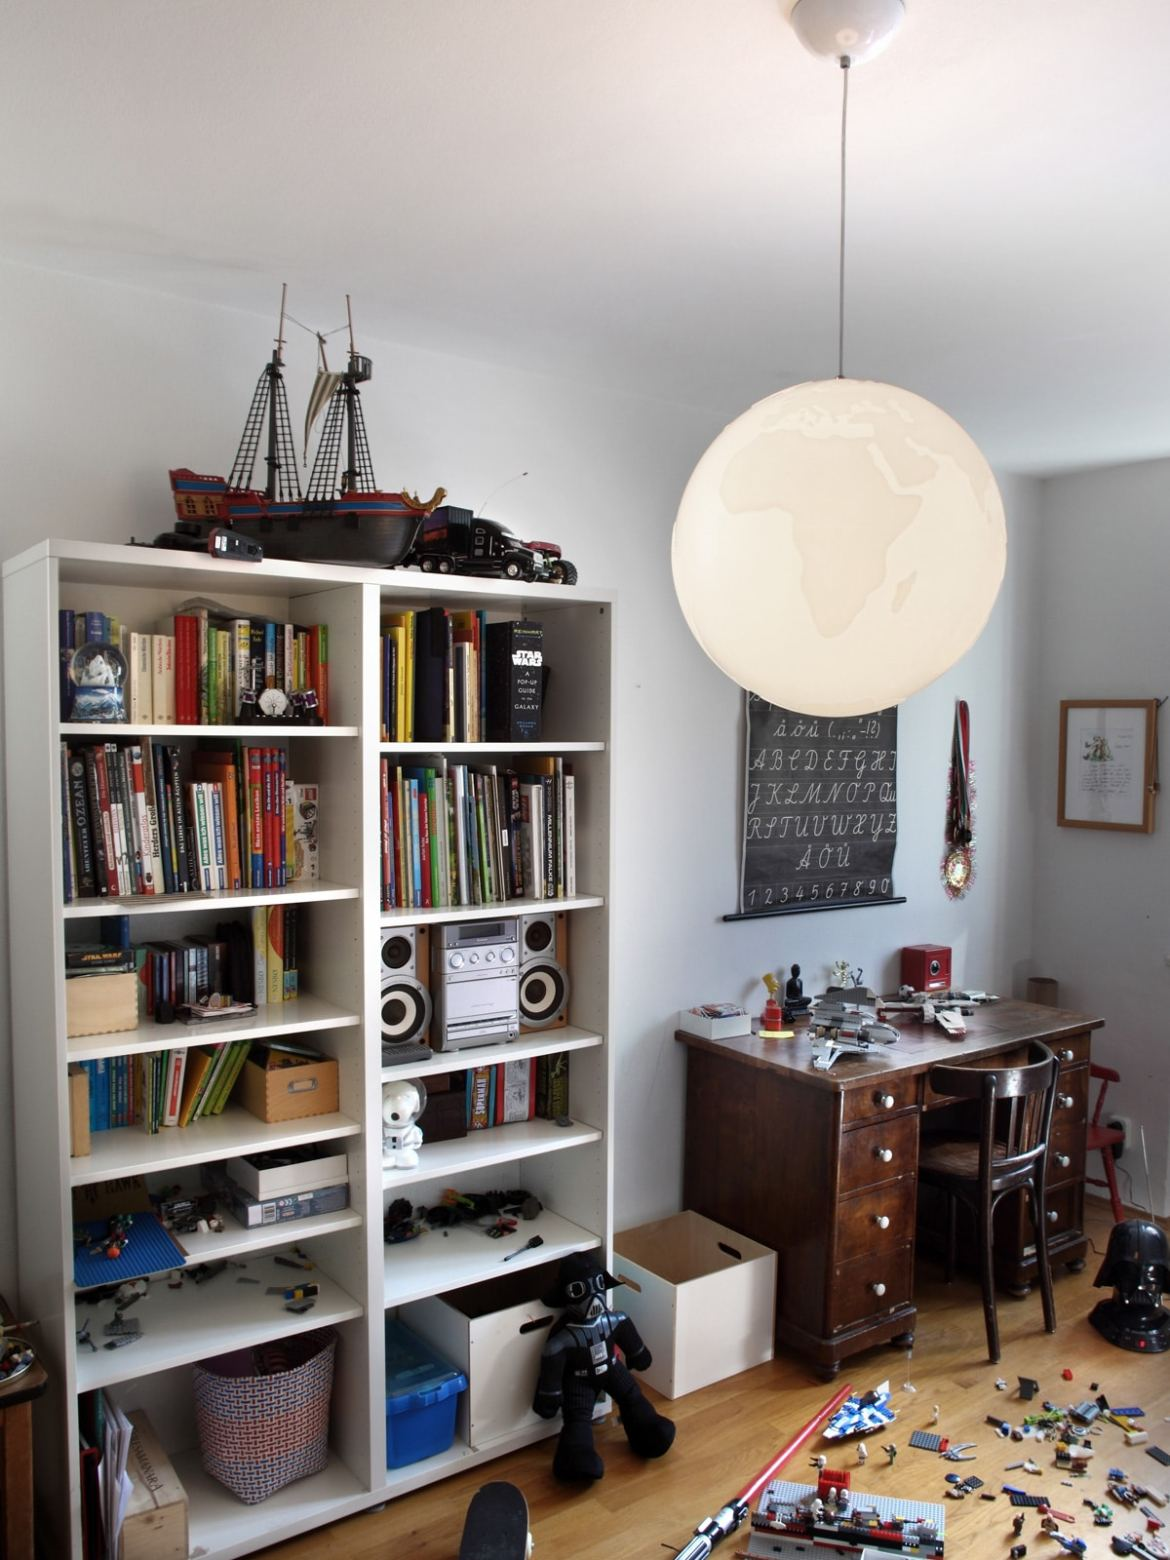 Individuelle Lampen & Leuchten für Kinderzimmer Teil 1 - Lampen ...